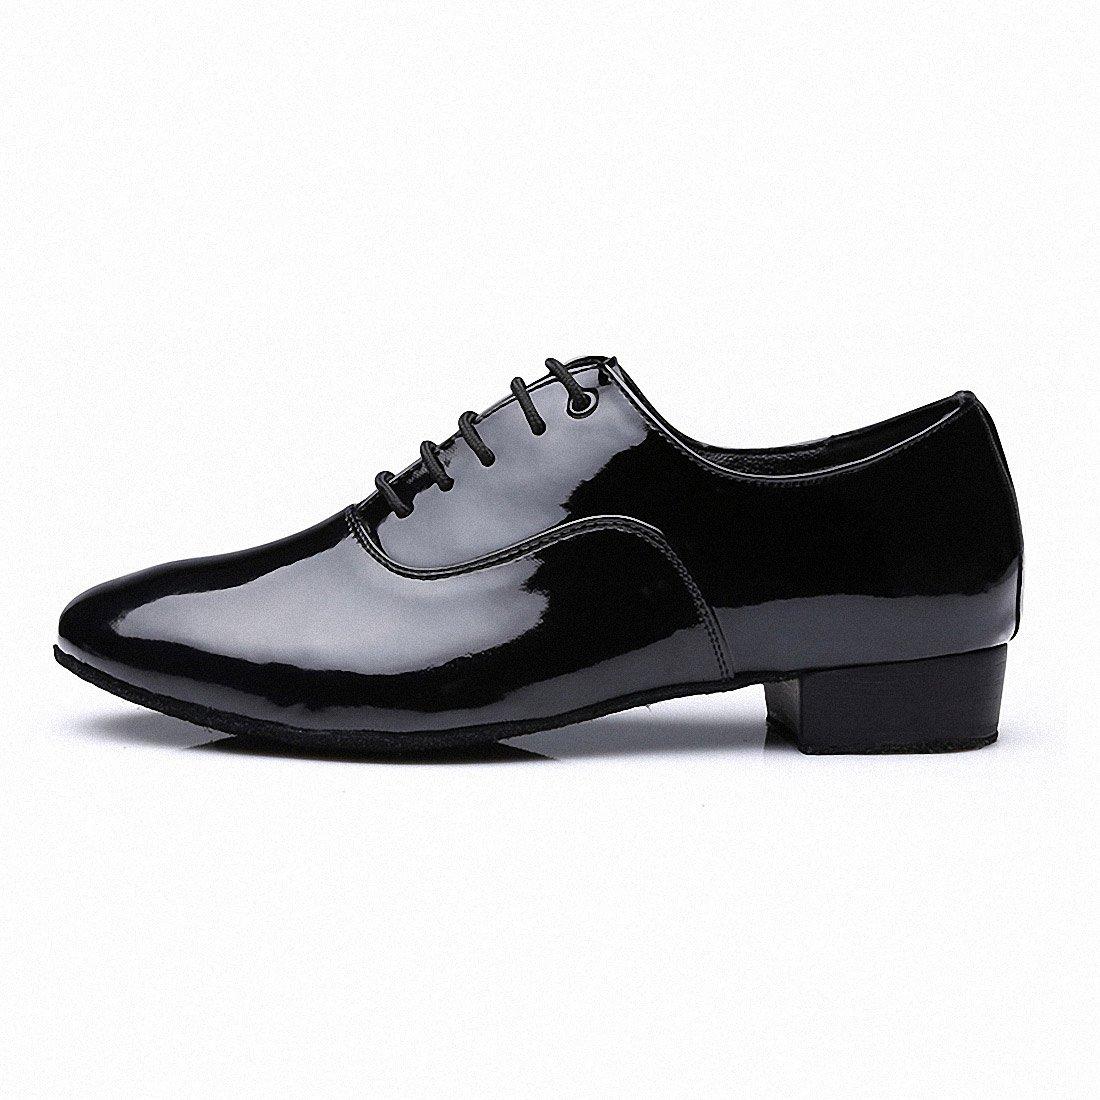 a8982f15739d Da uomo Latin Jazz scarpe da ballo fondo morbido nero scarpe ballo moderna  scarpe da ballo, ...